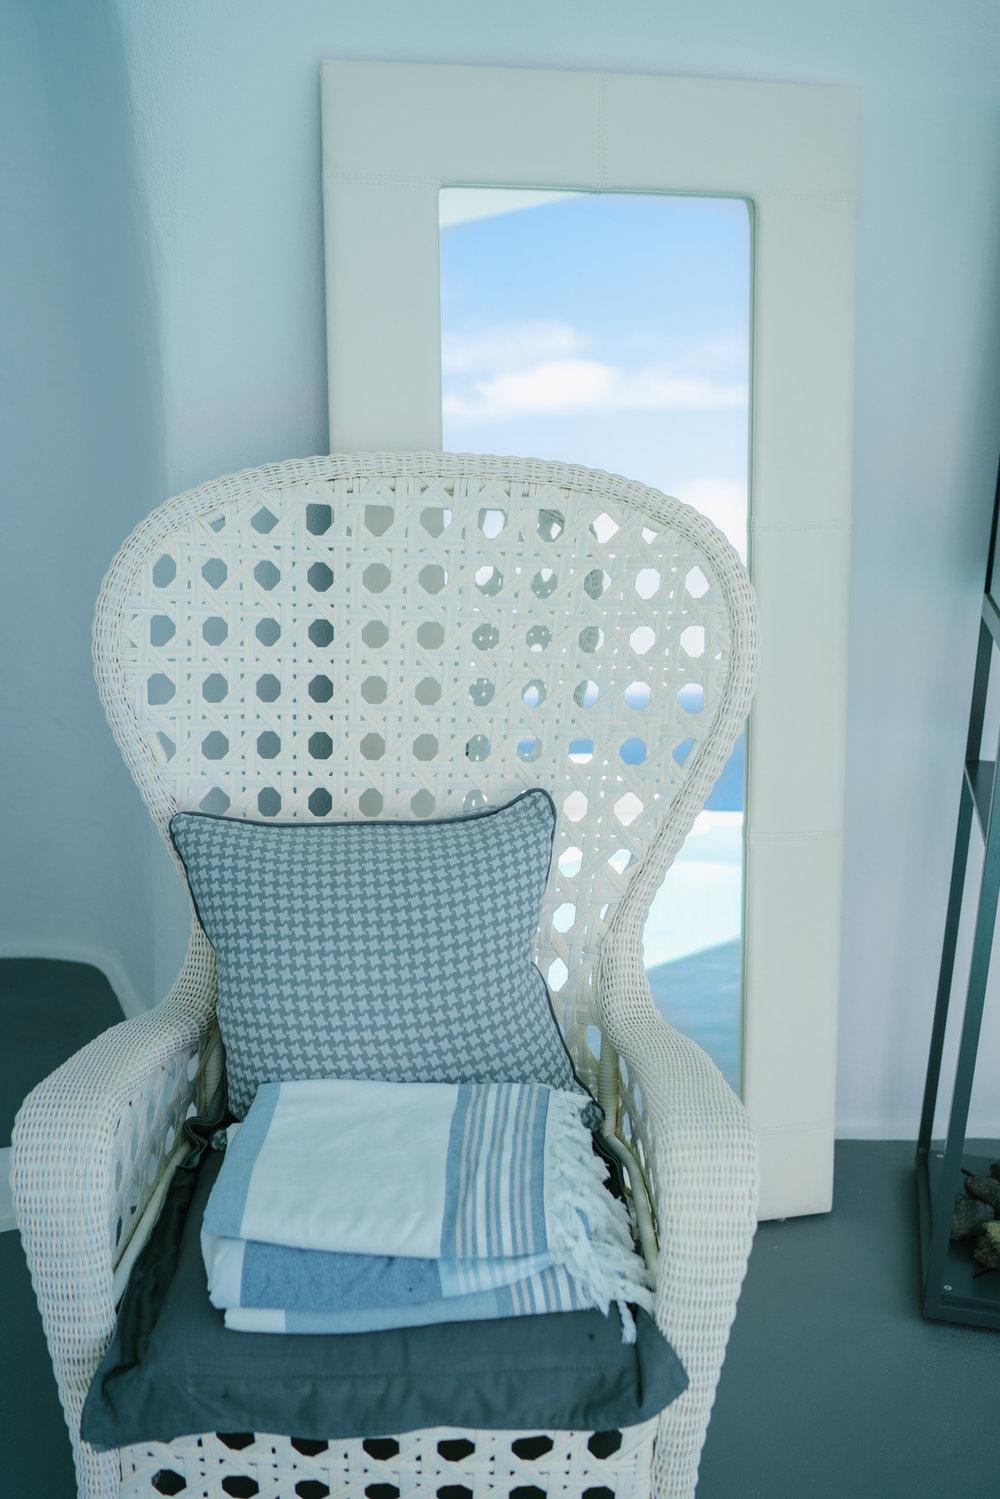 Charisma Suites decor